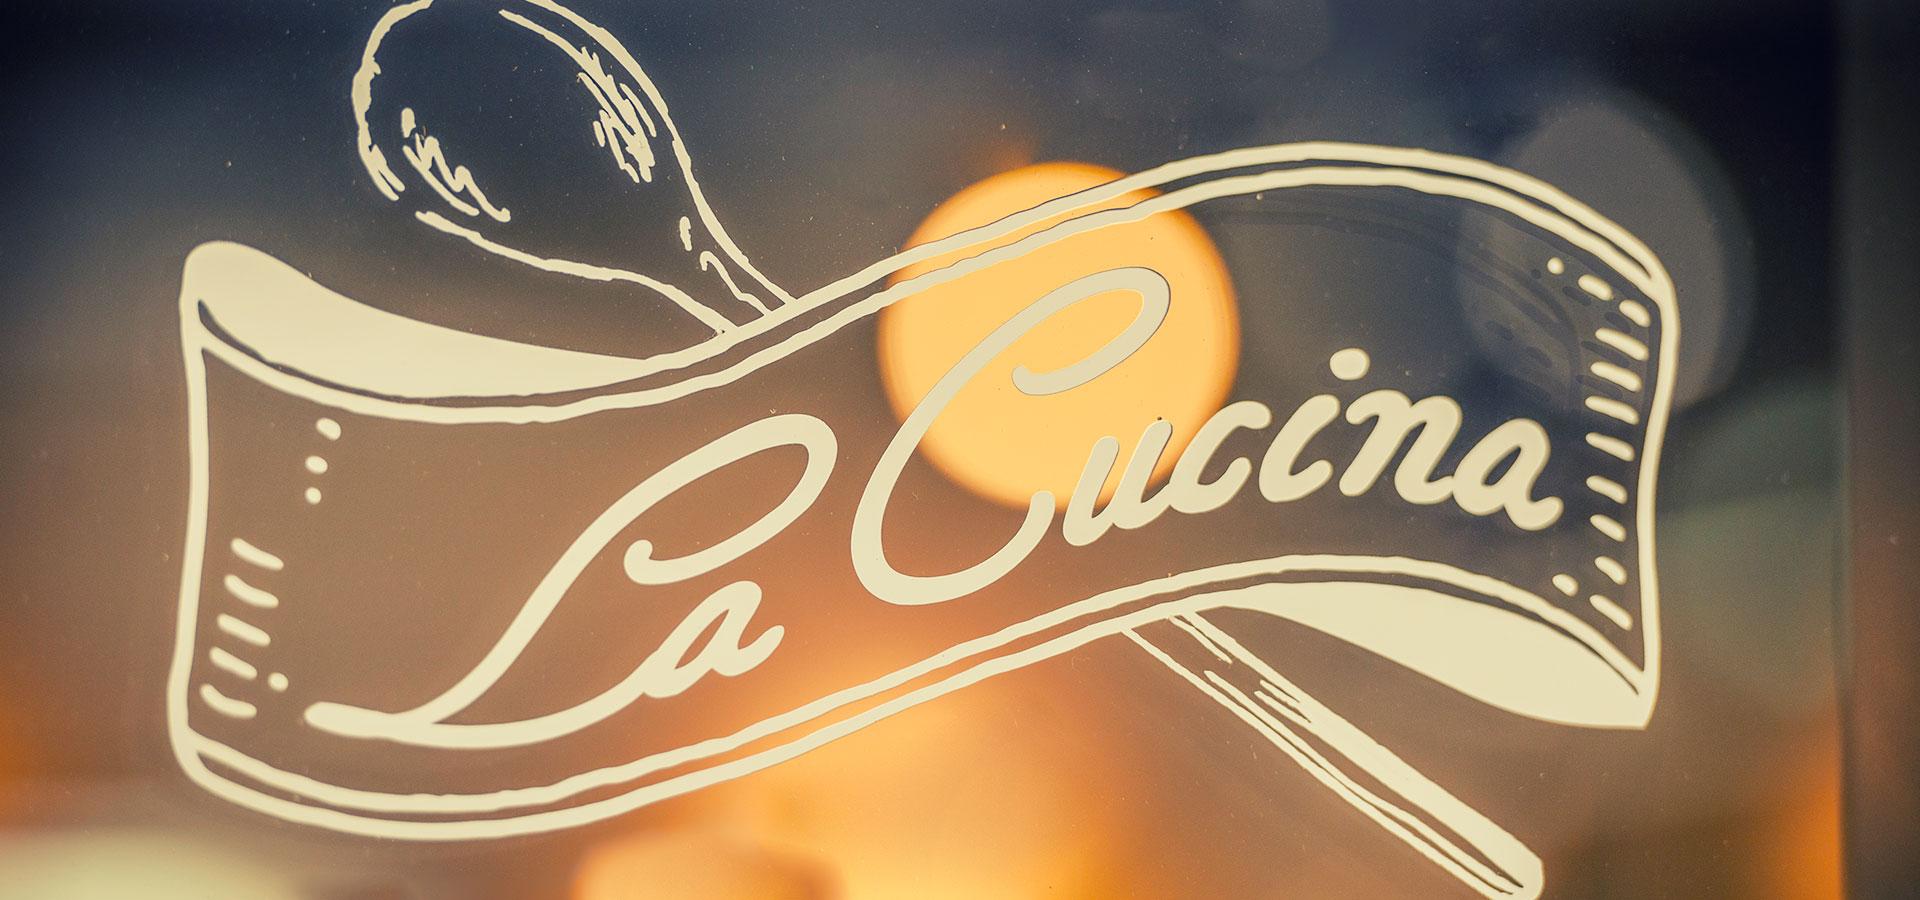 La Cucina Logo auf Glasscheibe